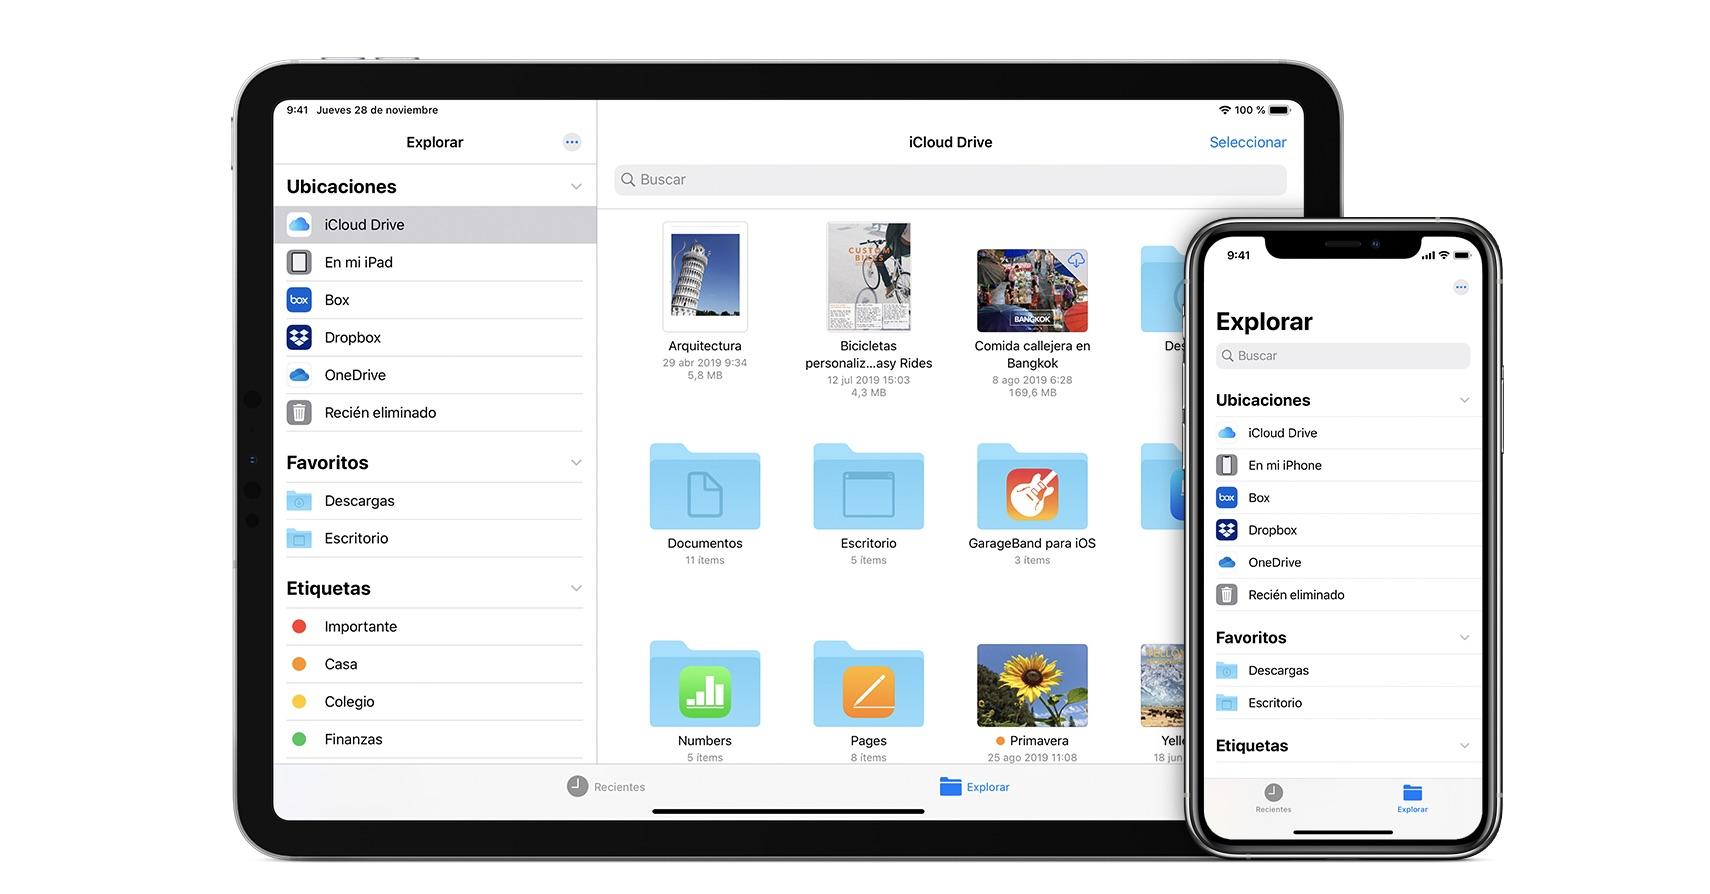 Cómo usar Dropbox, One Drive, Google Drive y otros directamente en la app Archivos de nuestro iPhone o iPad